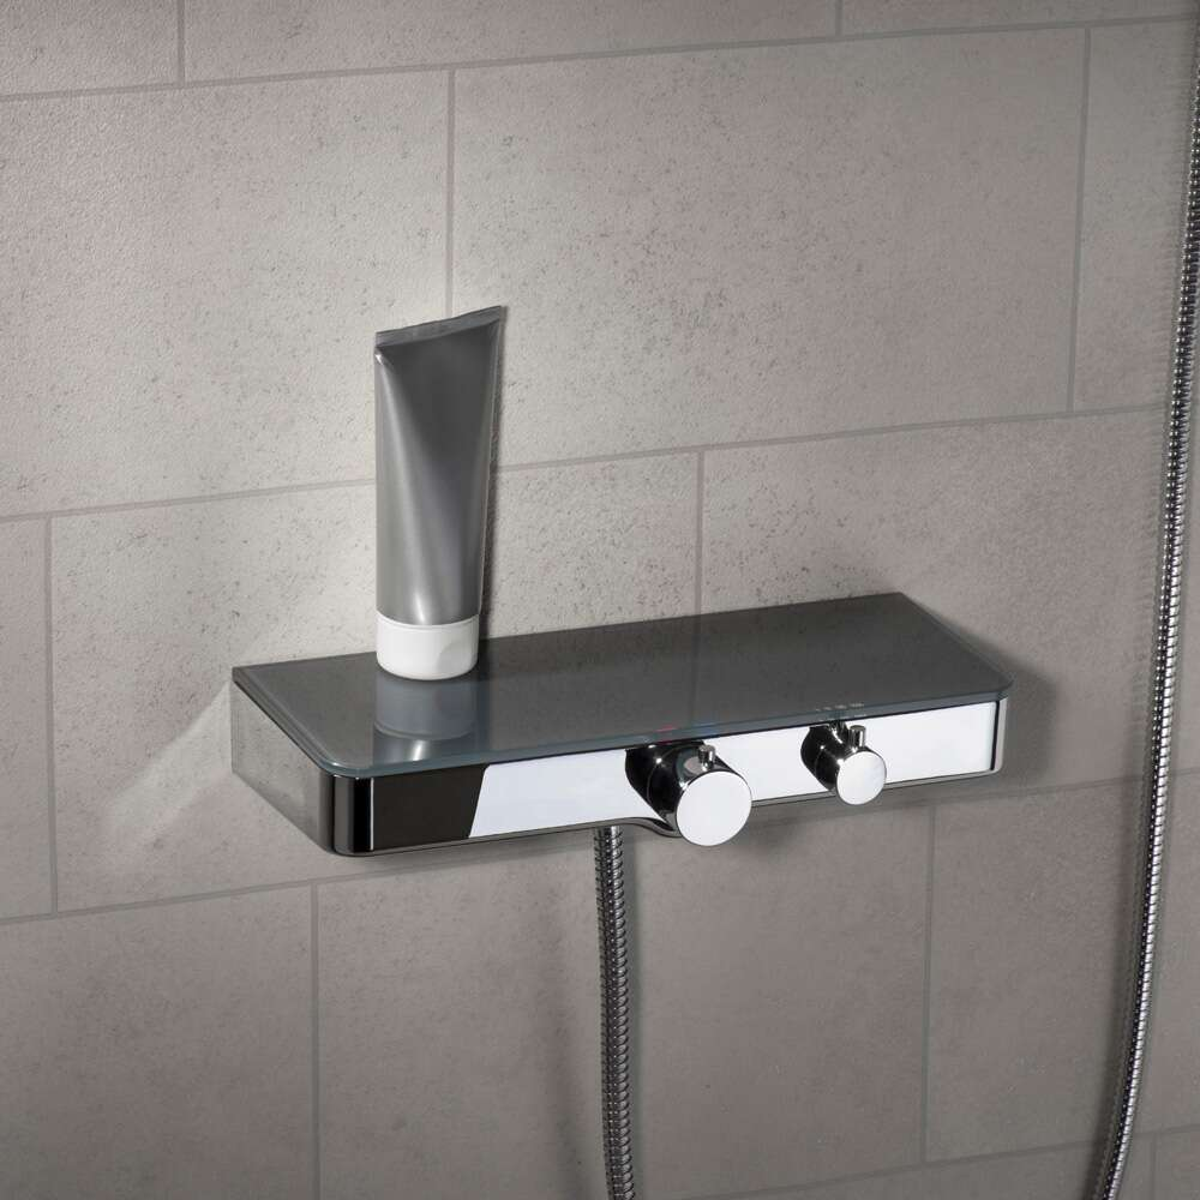 Gut gemocht Schütte Thermostat-Duscharmatur Ocean mit Glasablage in anthrazit YG21